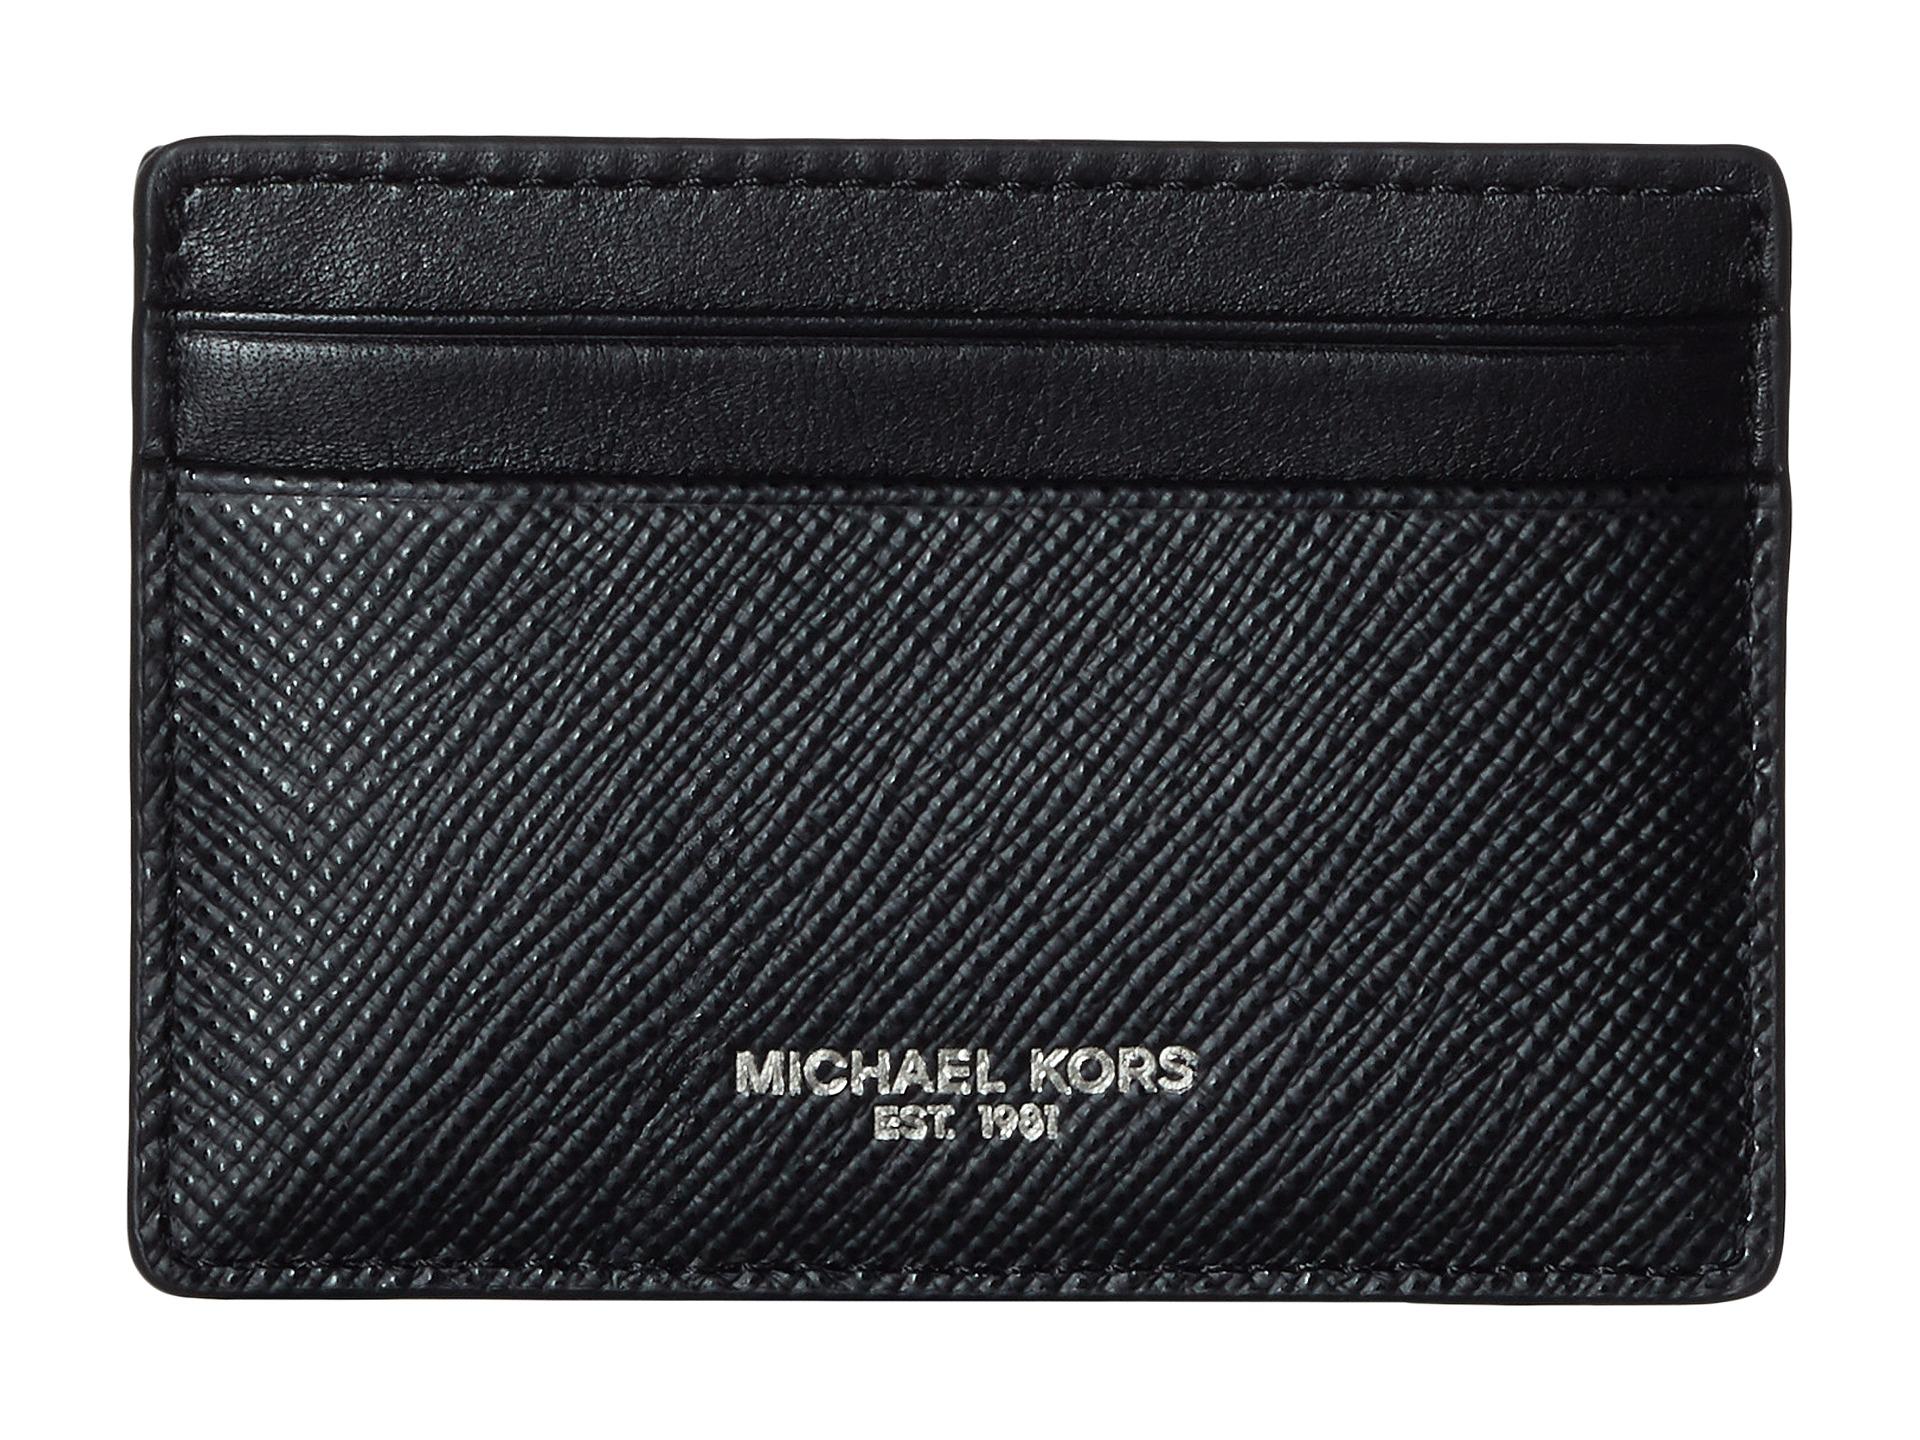 30759407da5120 Michael Kors Harrison Cross Grain Leather Card Case W/ Money Clip in ...